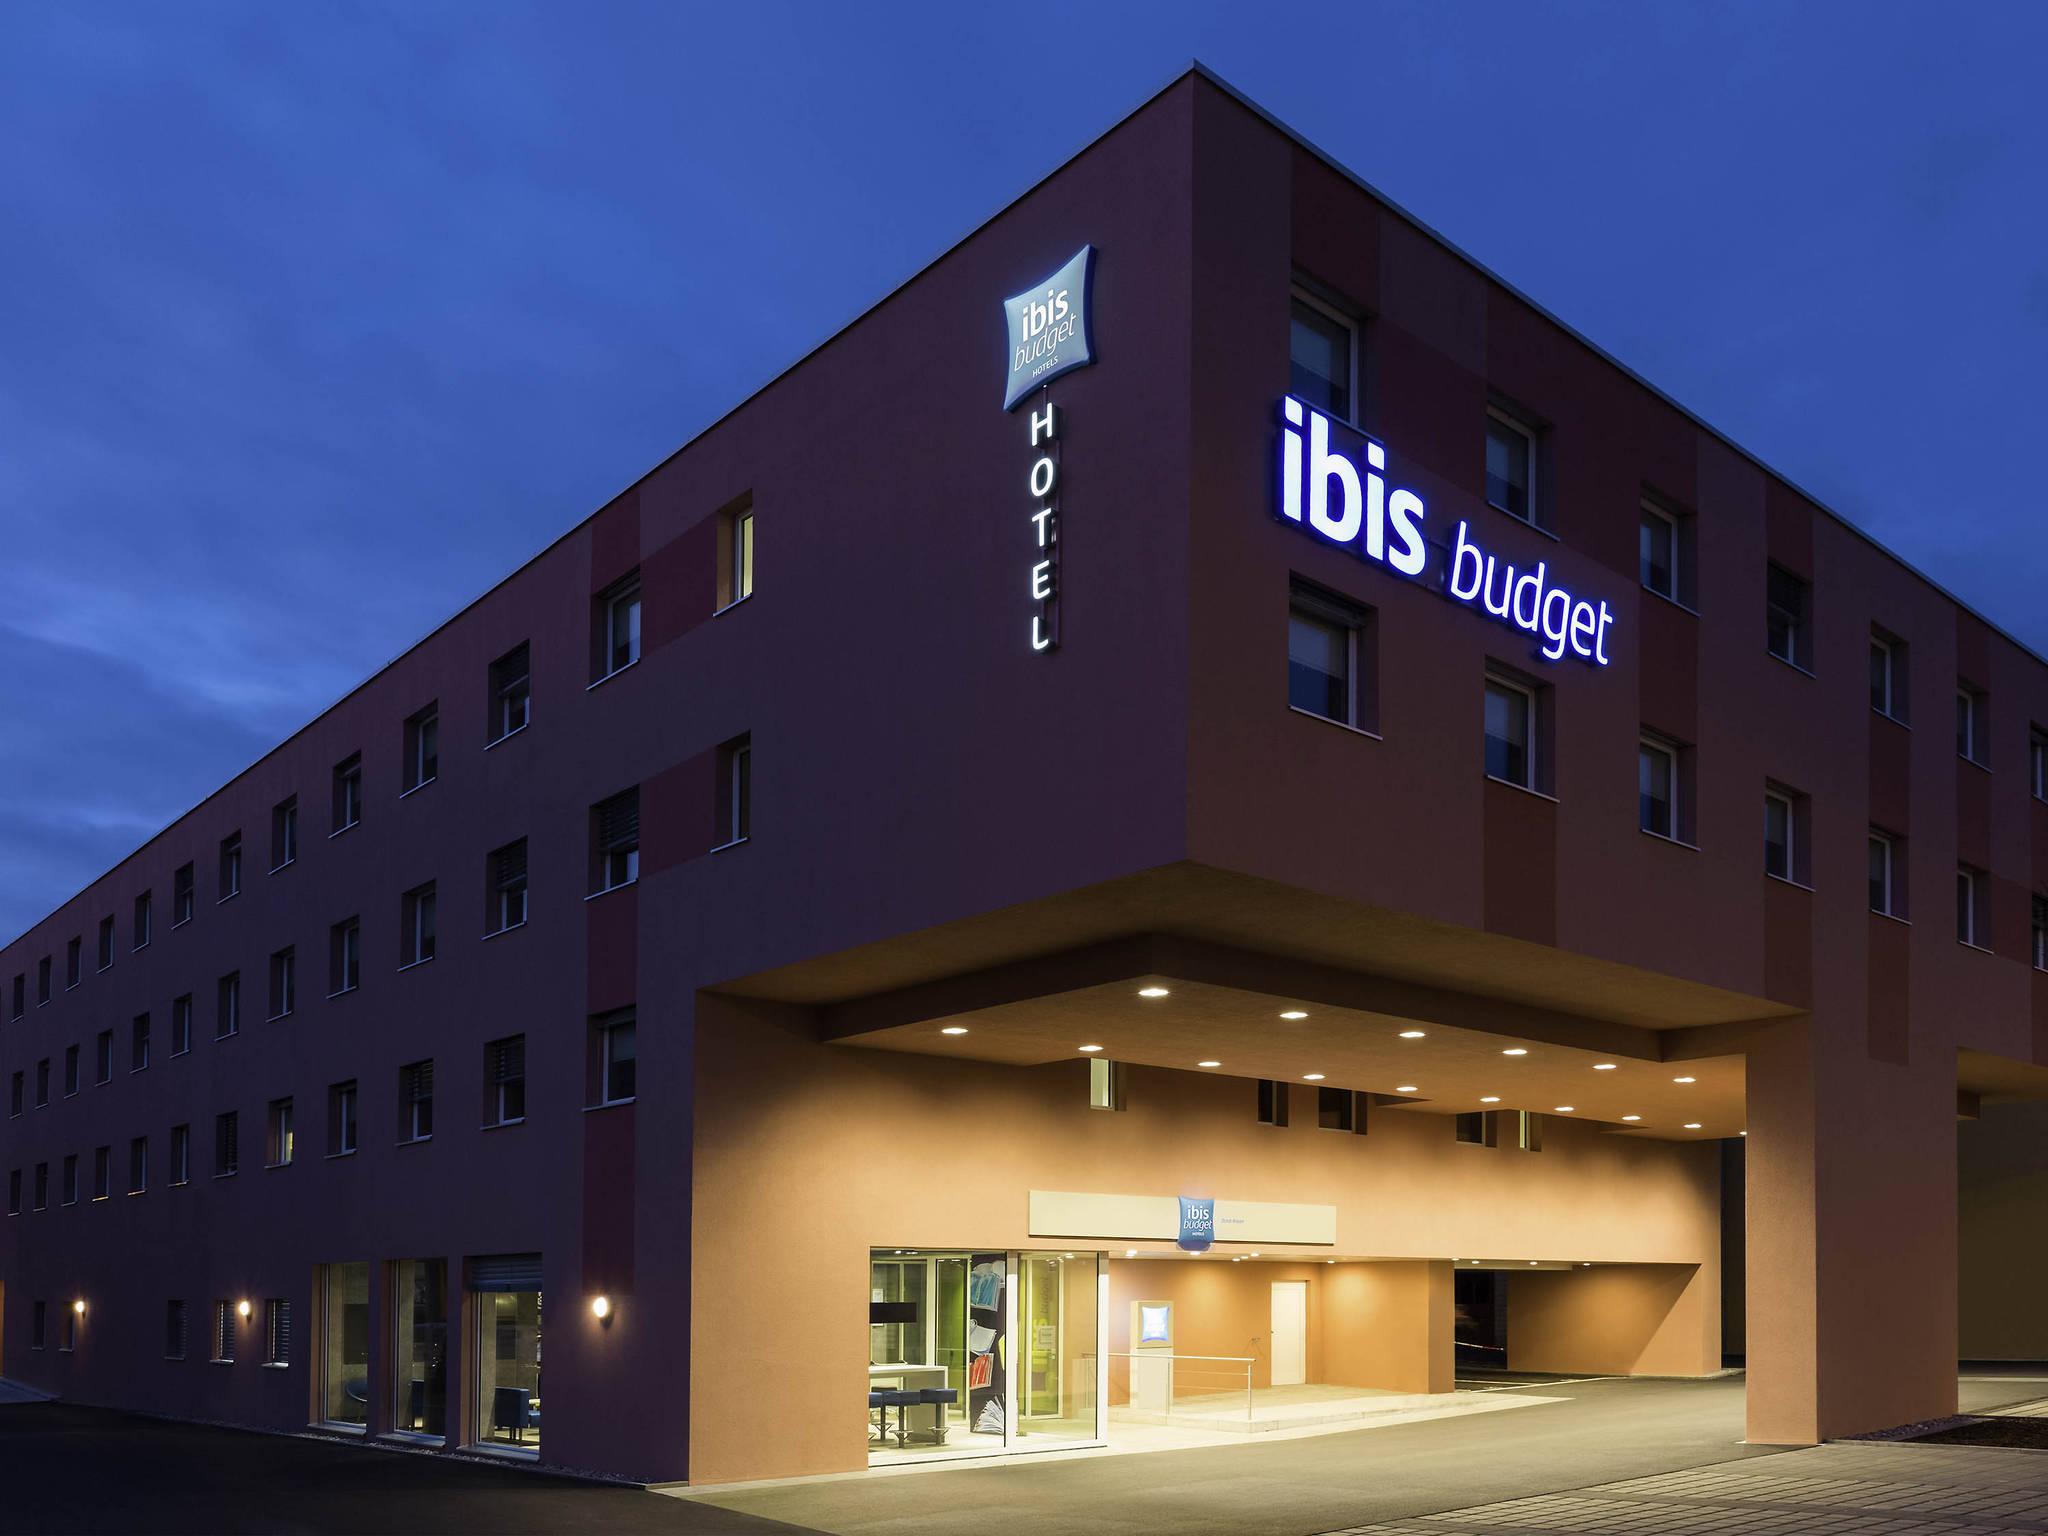 Ibis Budget Hotel Zurich